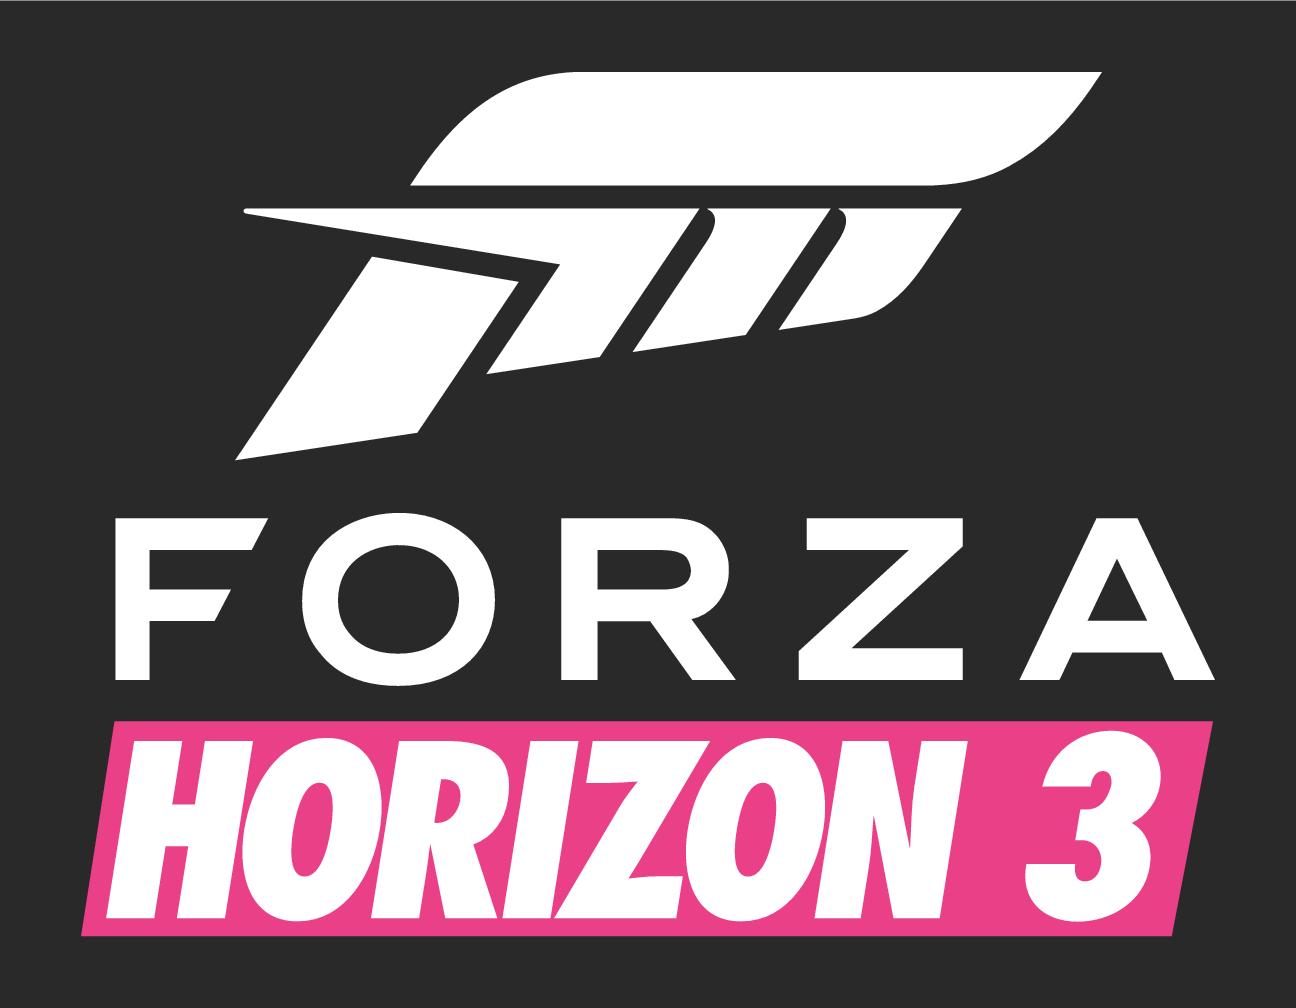 Forza Horizon 3 na PC i Xbox One za 53zl (linki w opisie bo nie działają bezpośrednio)